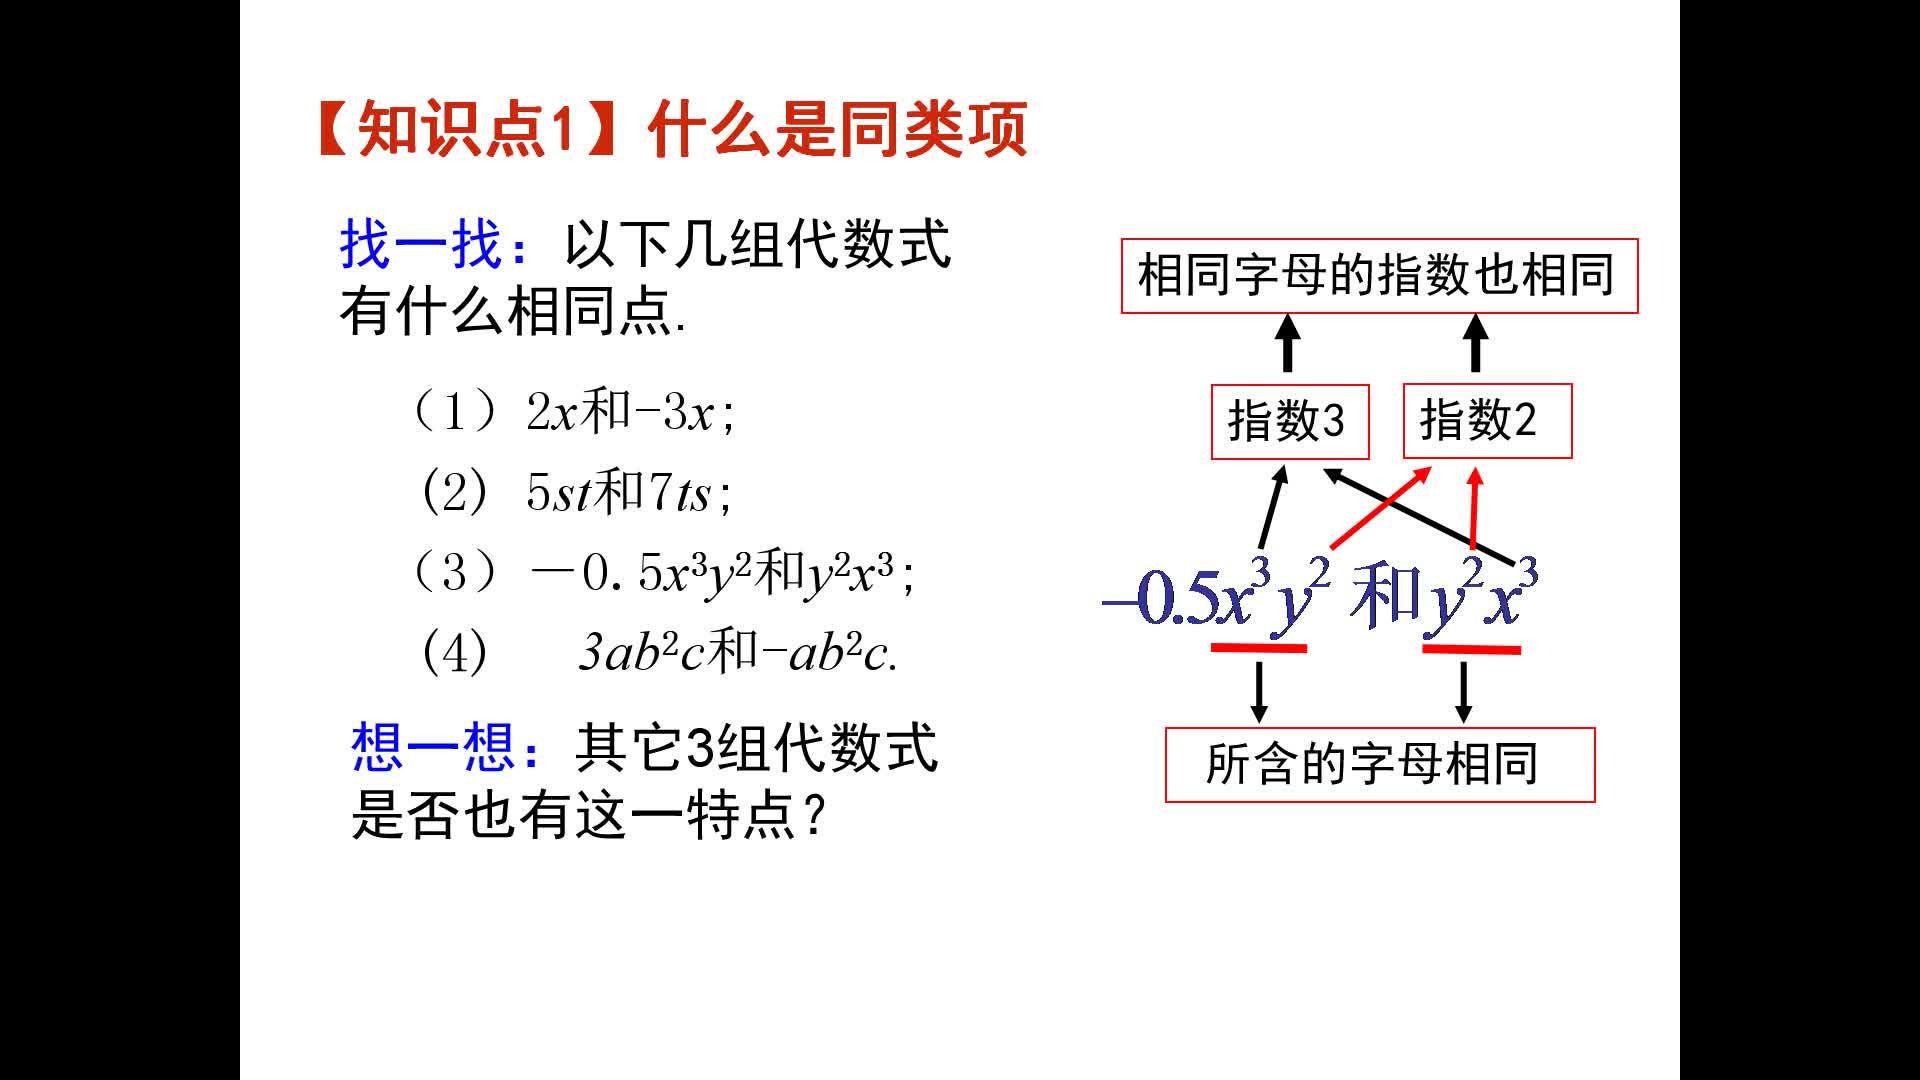 人教版 七年级数学上册 2.1合并同类项